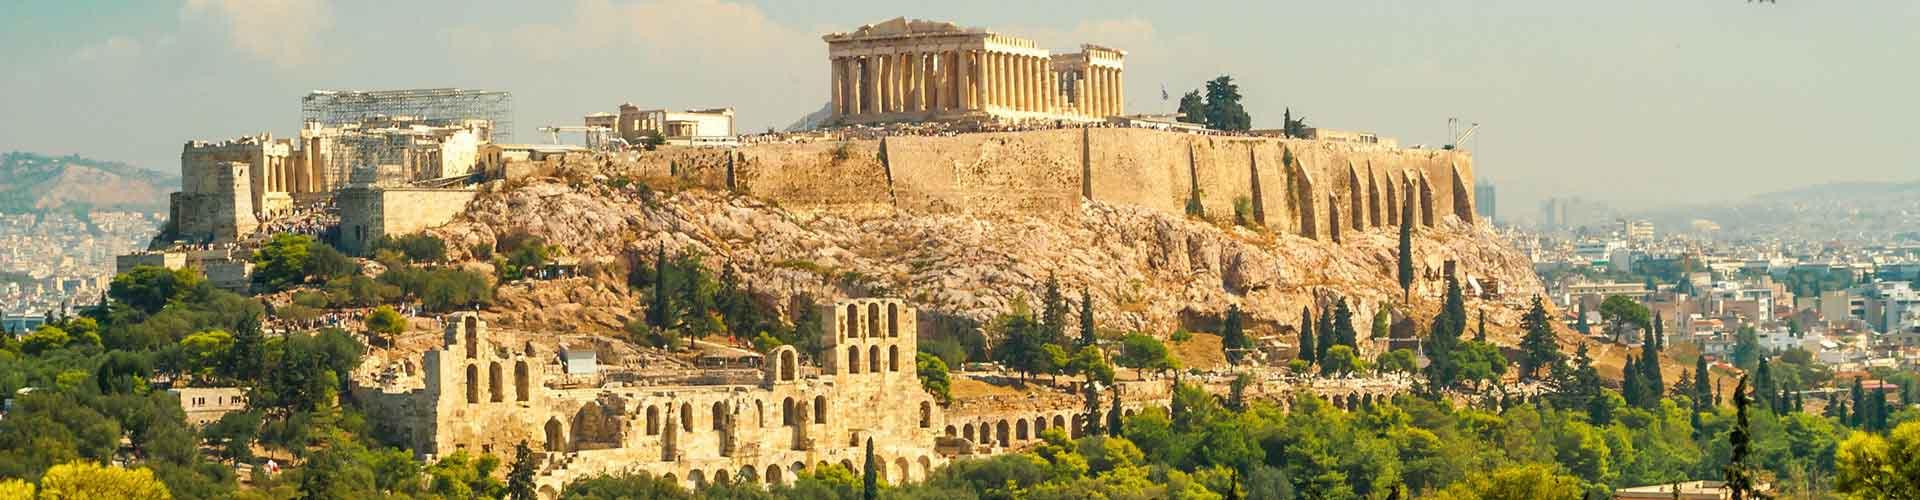 Athén - Ifjúsági Szállások Athénben. Athén térképek, fotók és ajánlások minden egyes ifjúsági szállásokra Athén-ben.